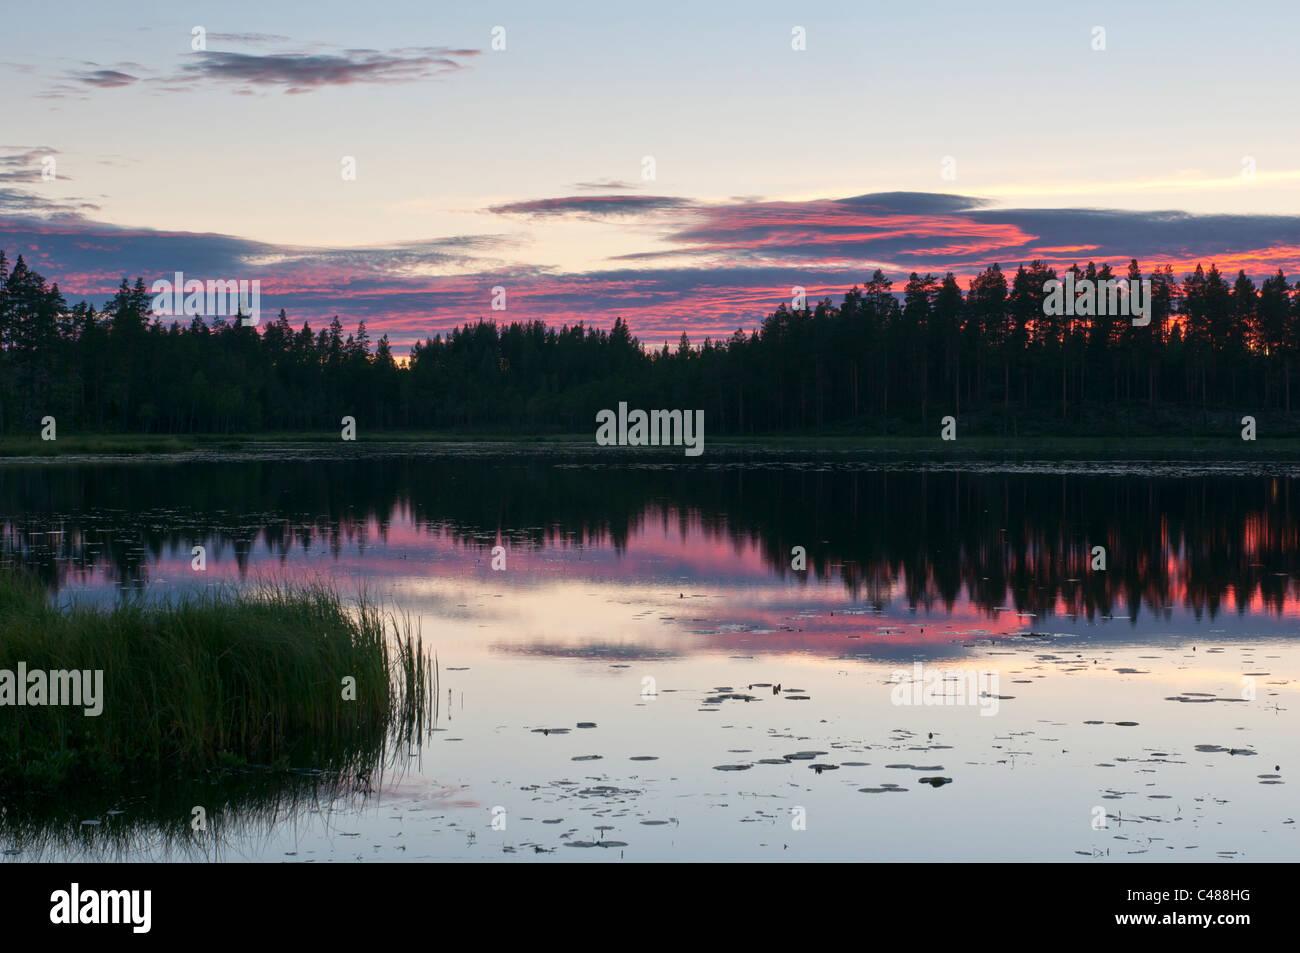 Abendstimmung an einem Waldsee, Rena, Hedmark, Norwegen, Evening mood, Lake, Norway Stock Photo